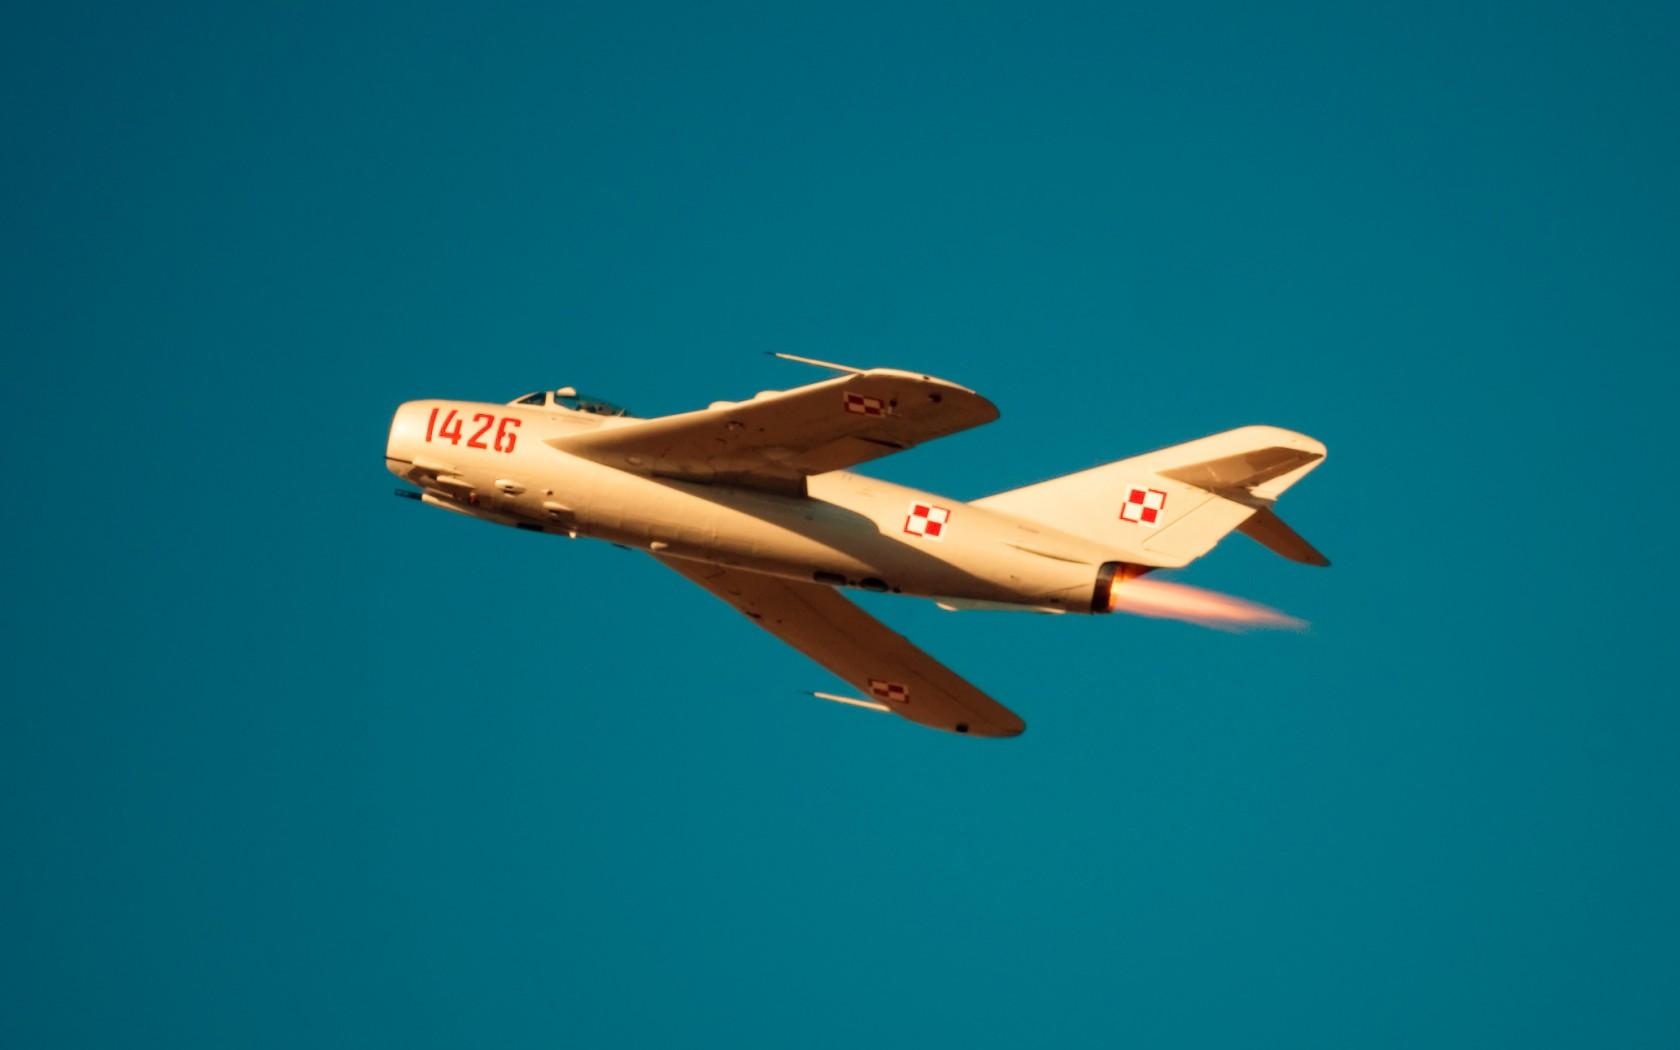 МиГ-17 Возможно ВВС Хорватии